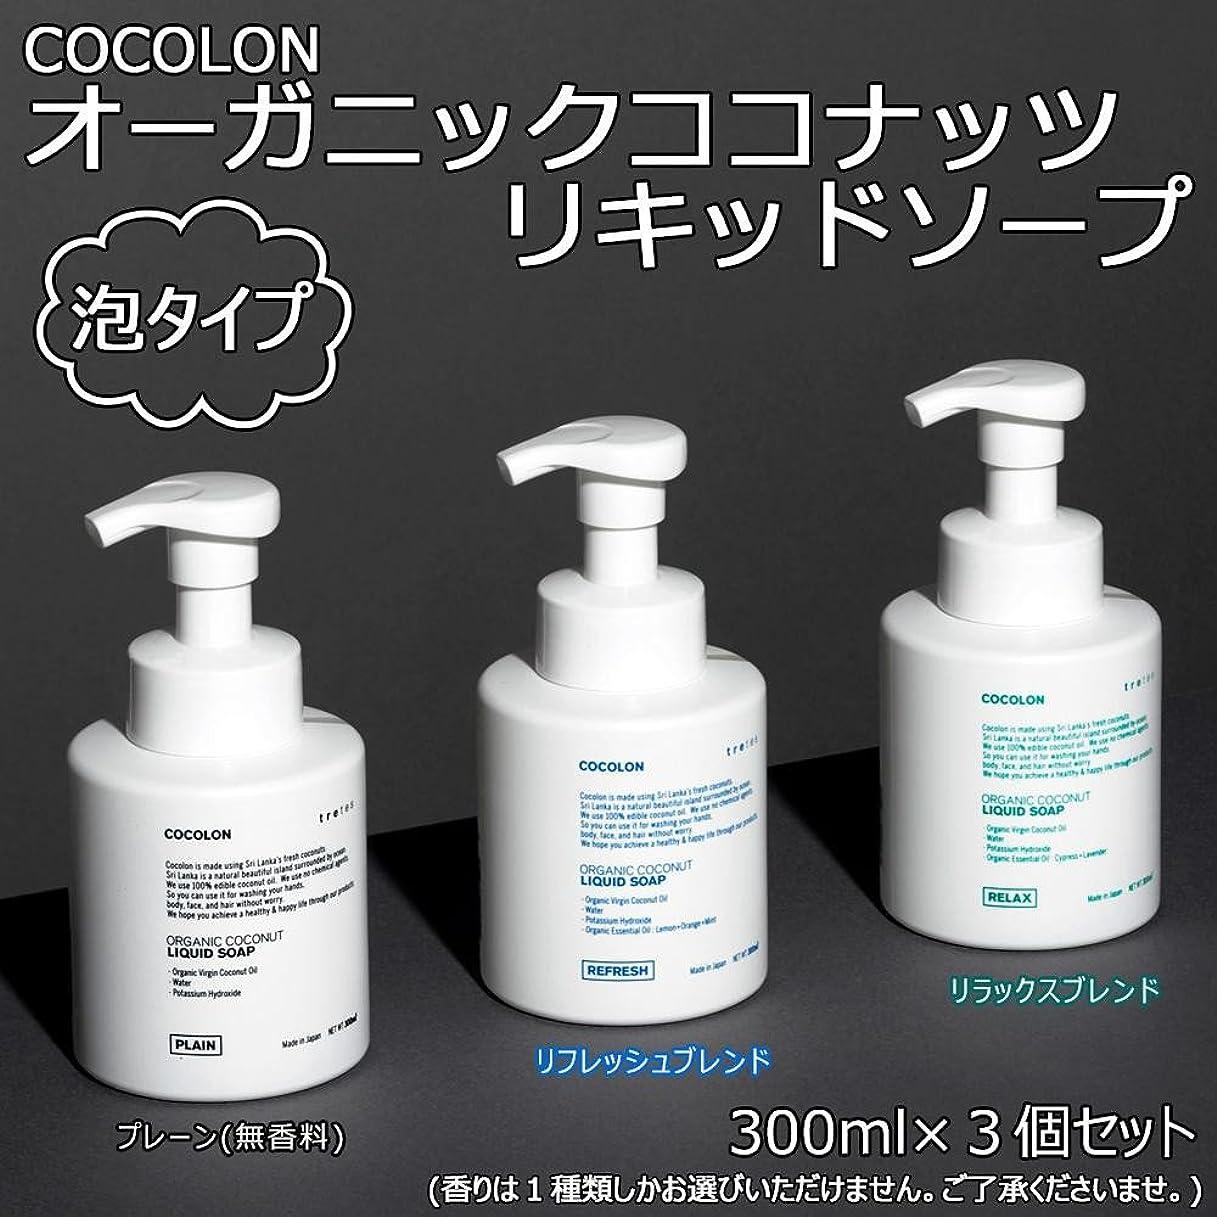 旅客ホステス代表するCOCOLON ココロン オーガニックココナッツリキッドソープ 泡タイプ 300ml 3個セット リフレッシュブレンド